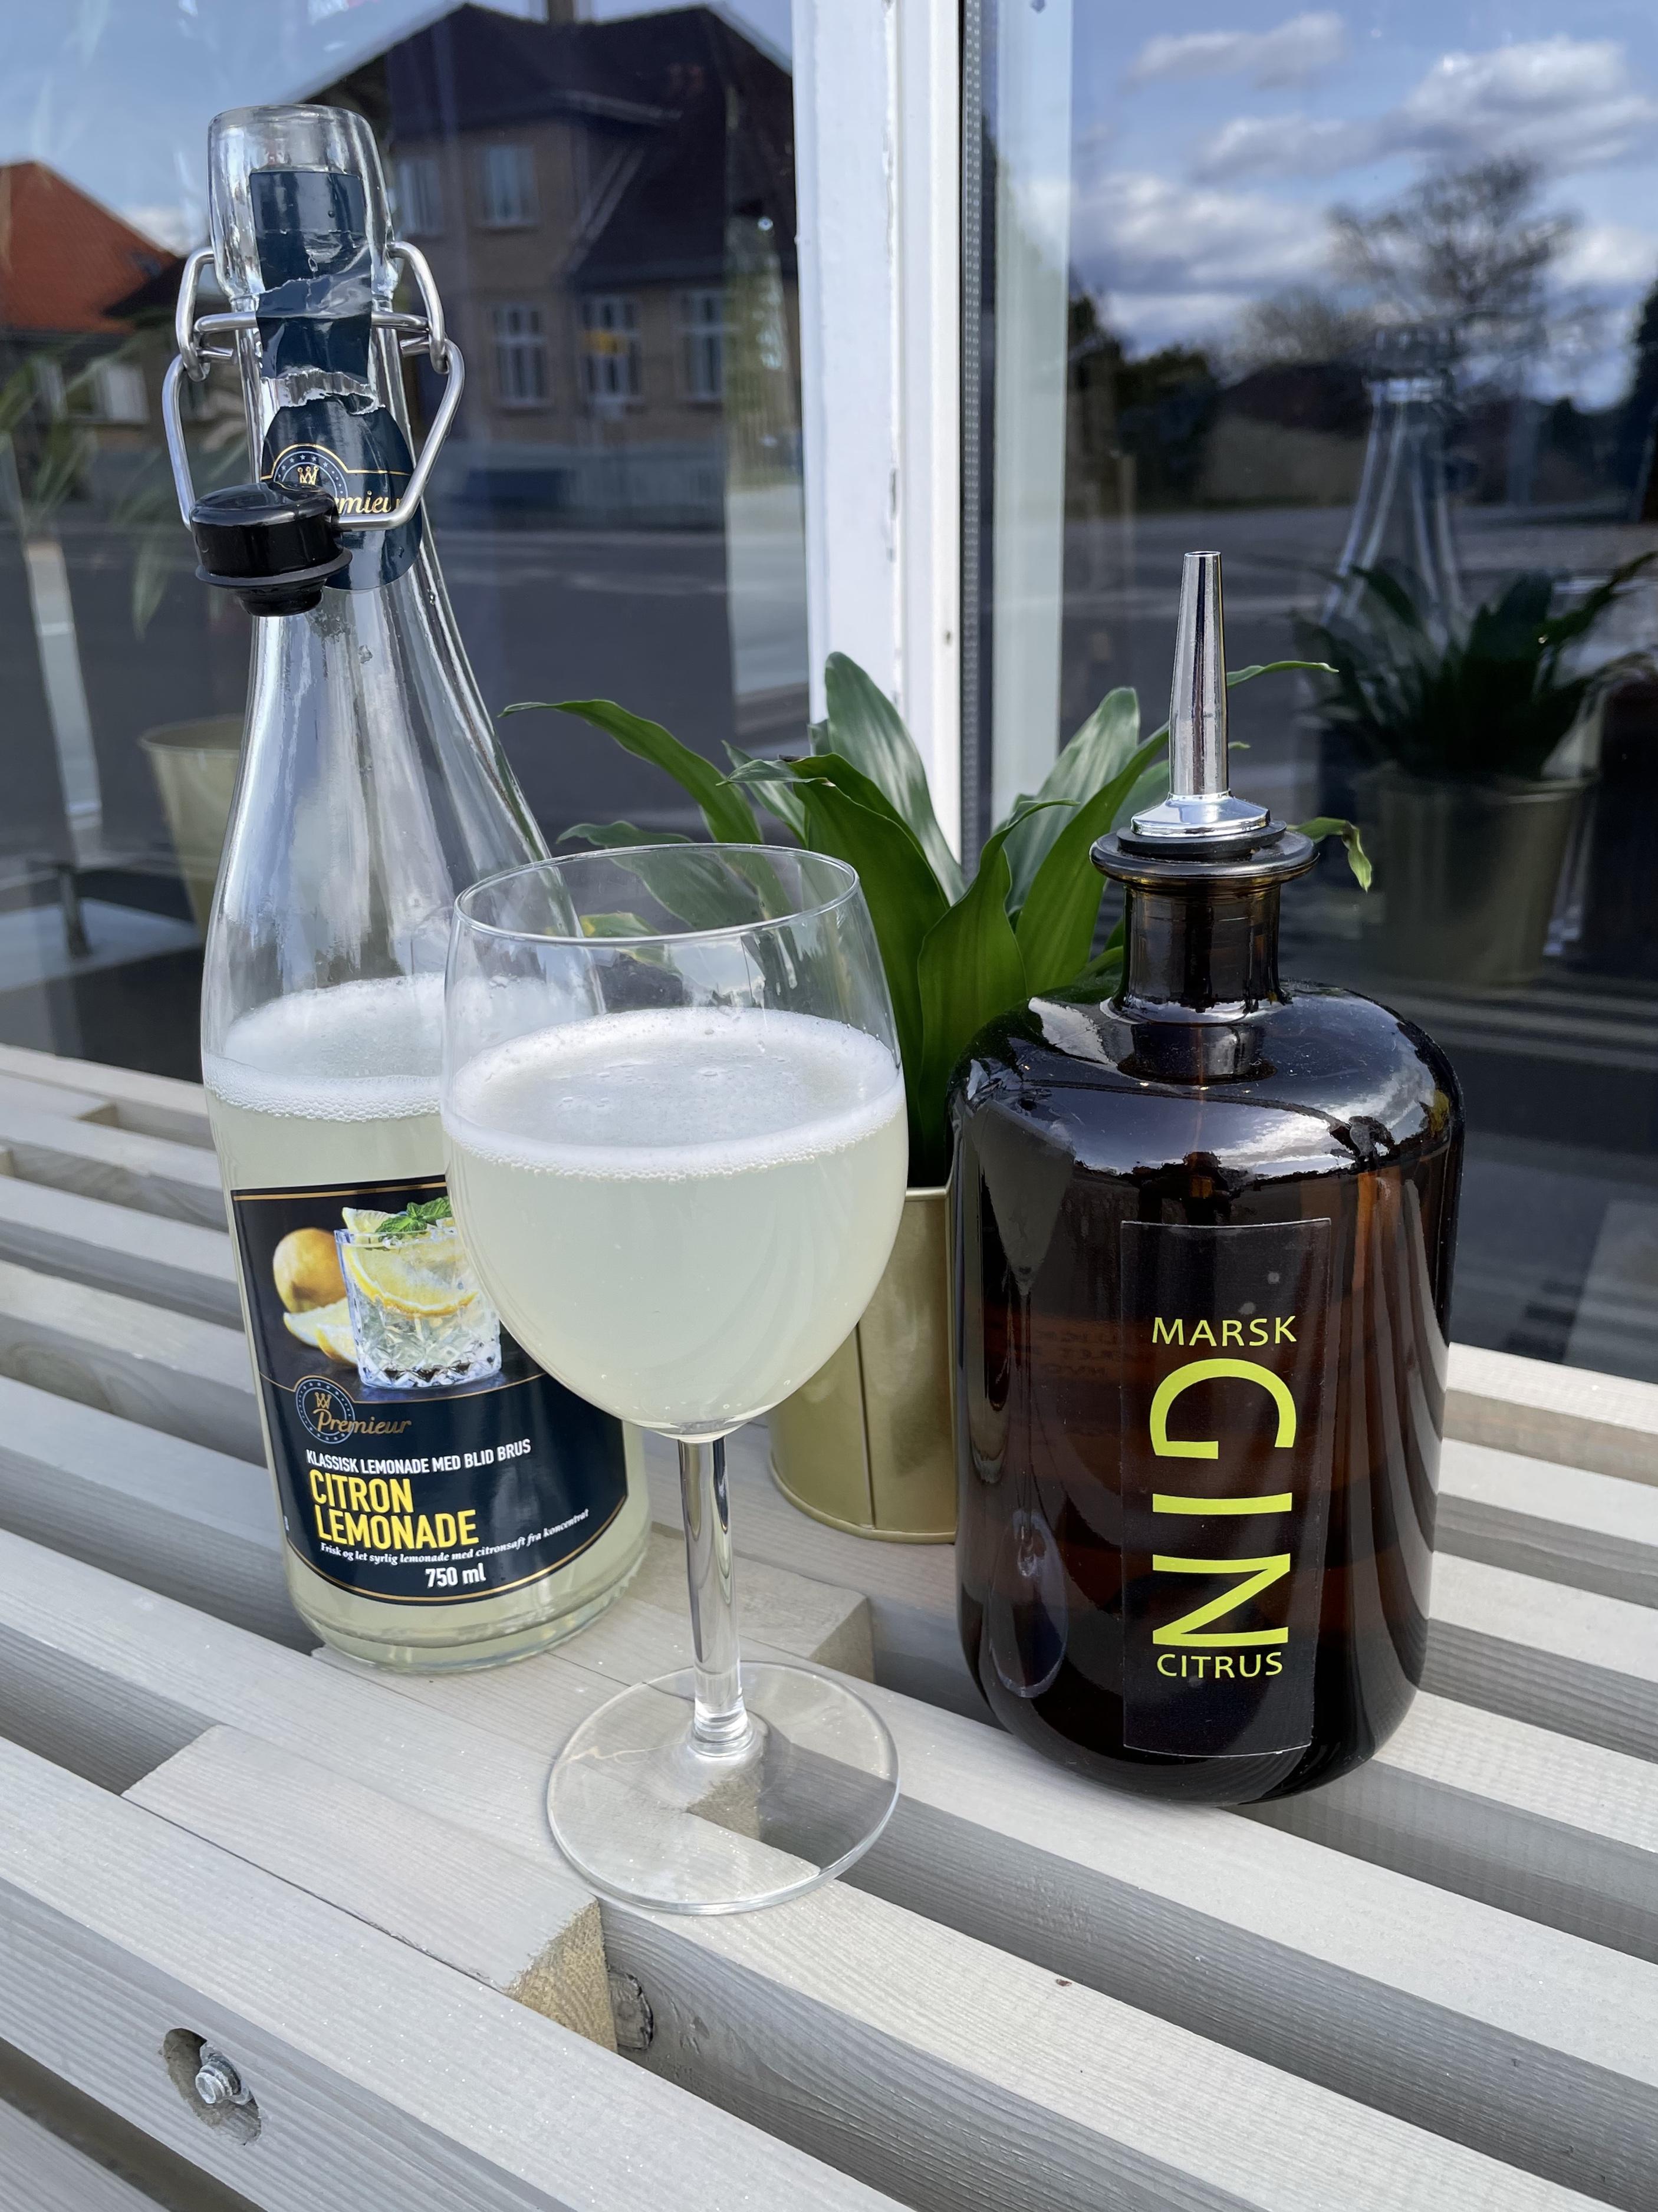 Marsk Gin Citrus